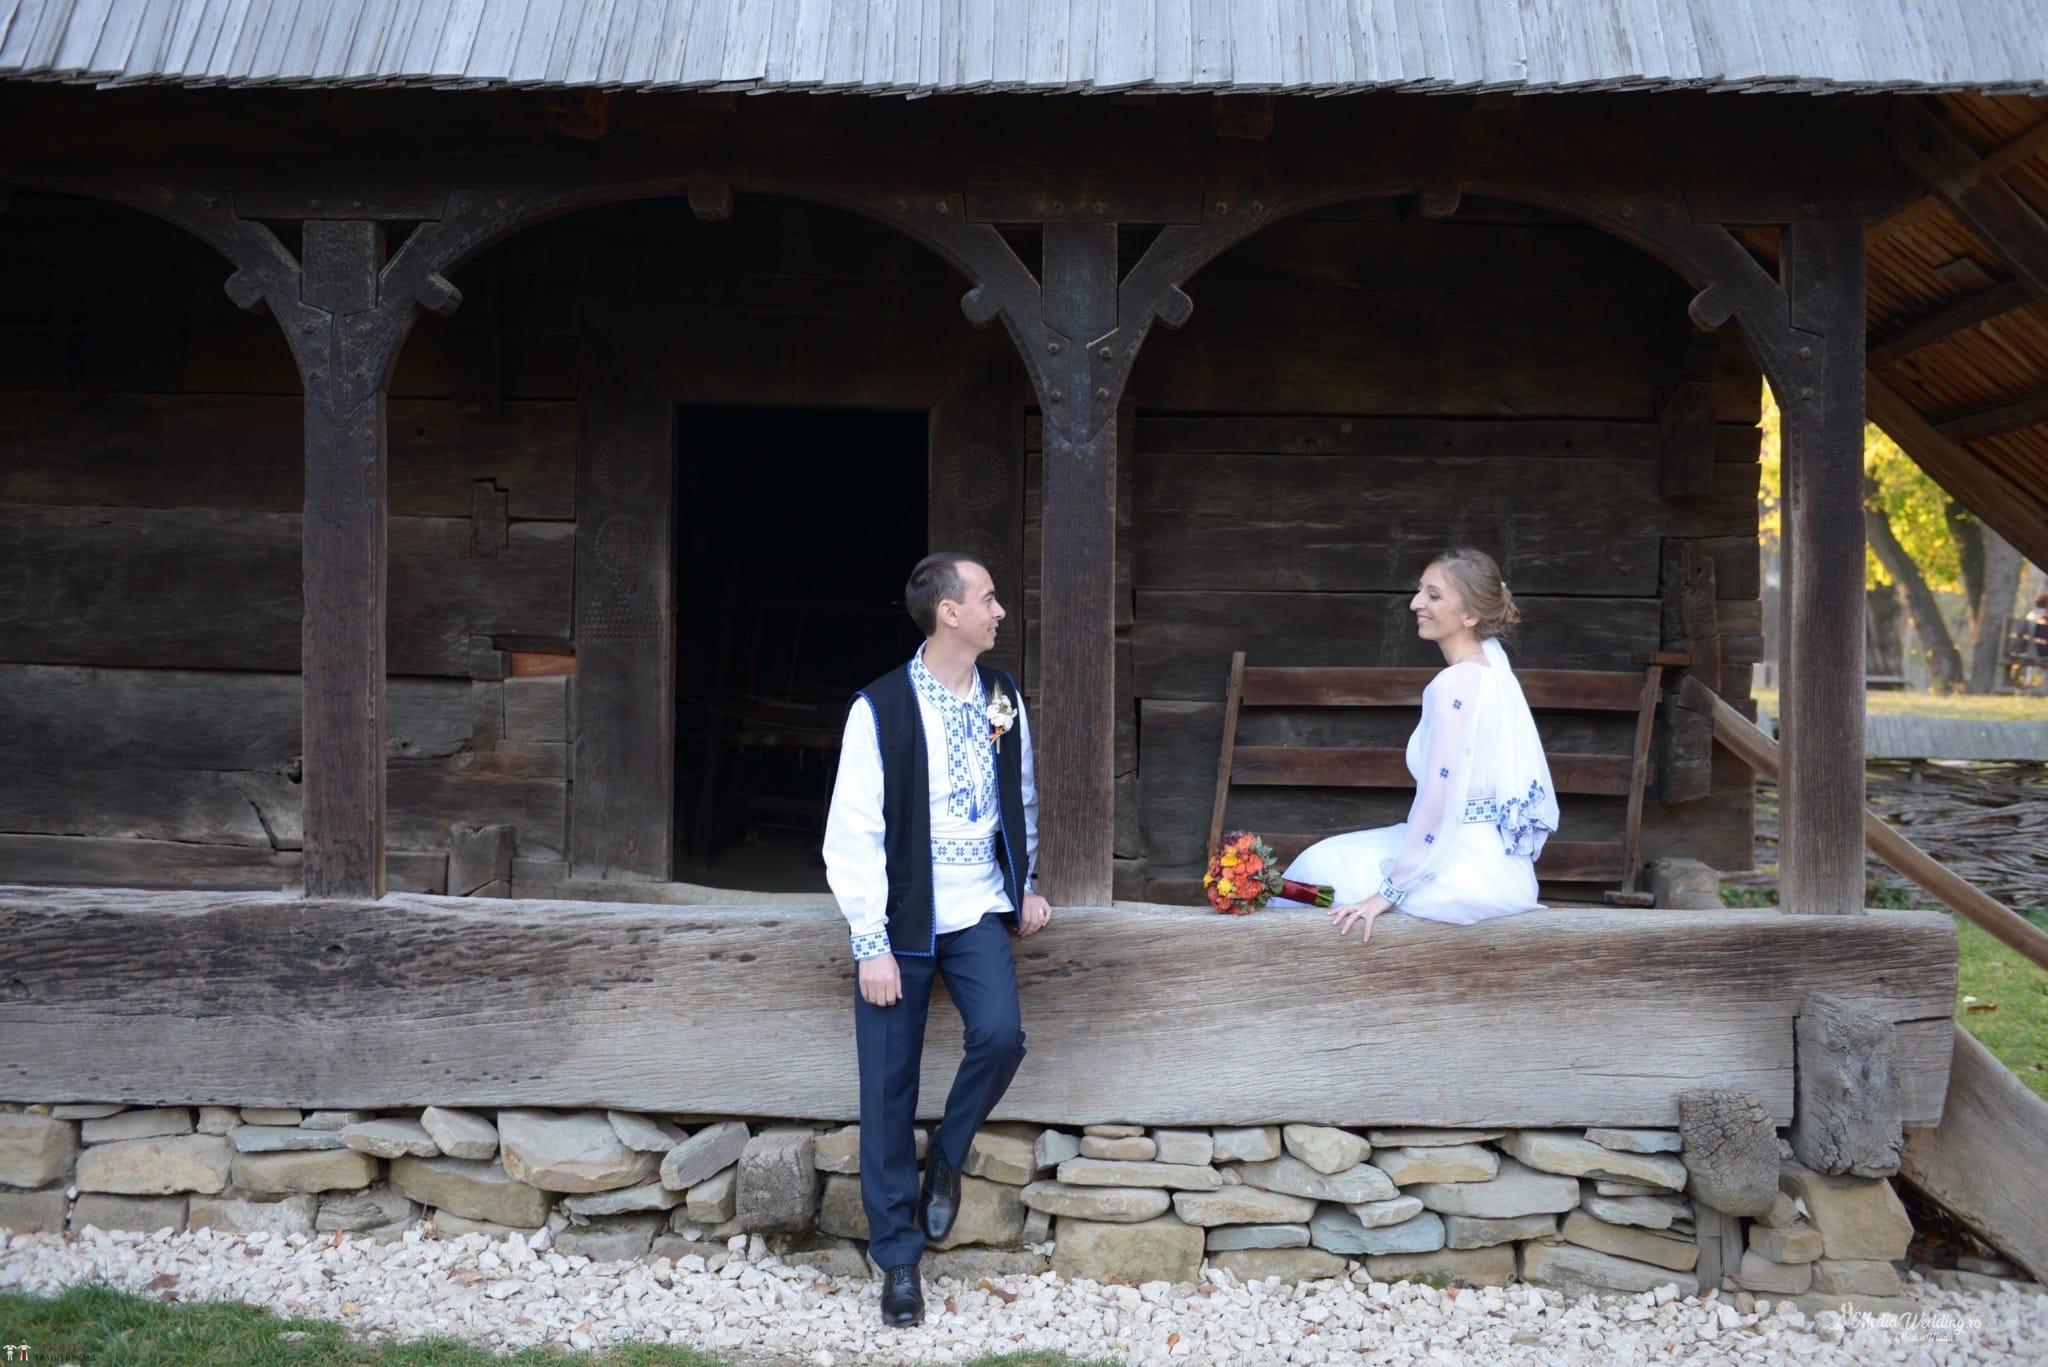 Povești Nunți Tradiționale - Alina-Maria și Ilie, nuntă tradițională în București 24